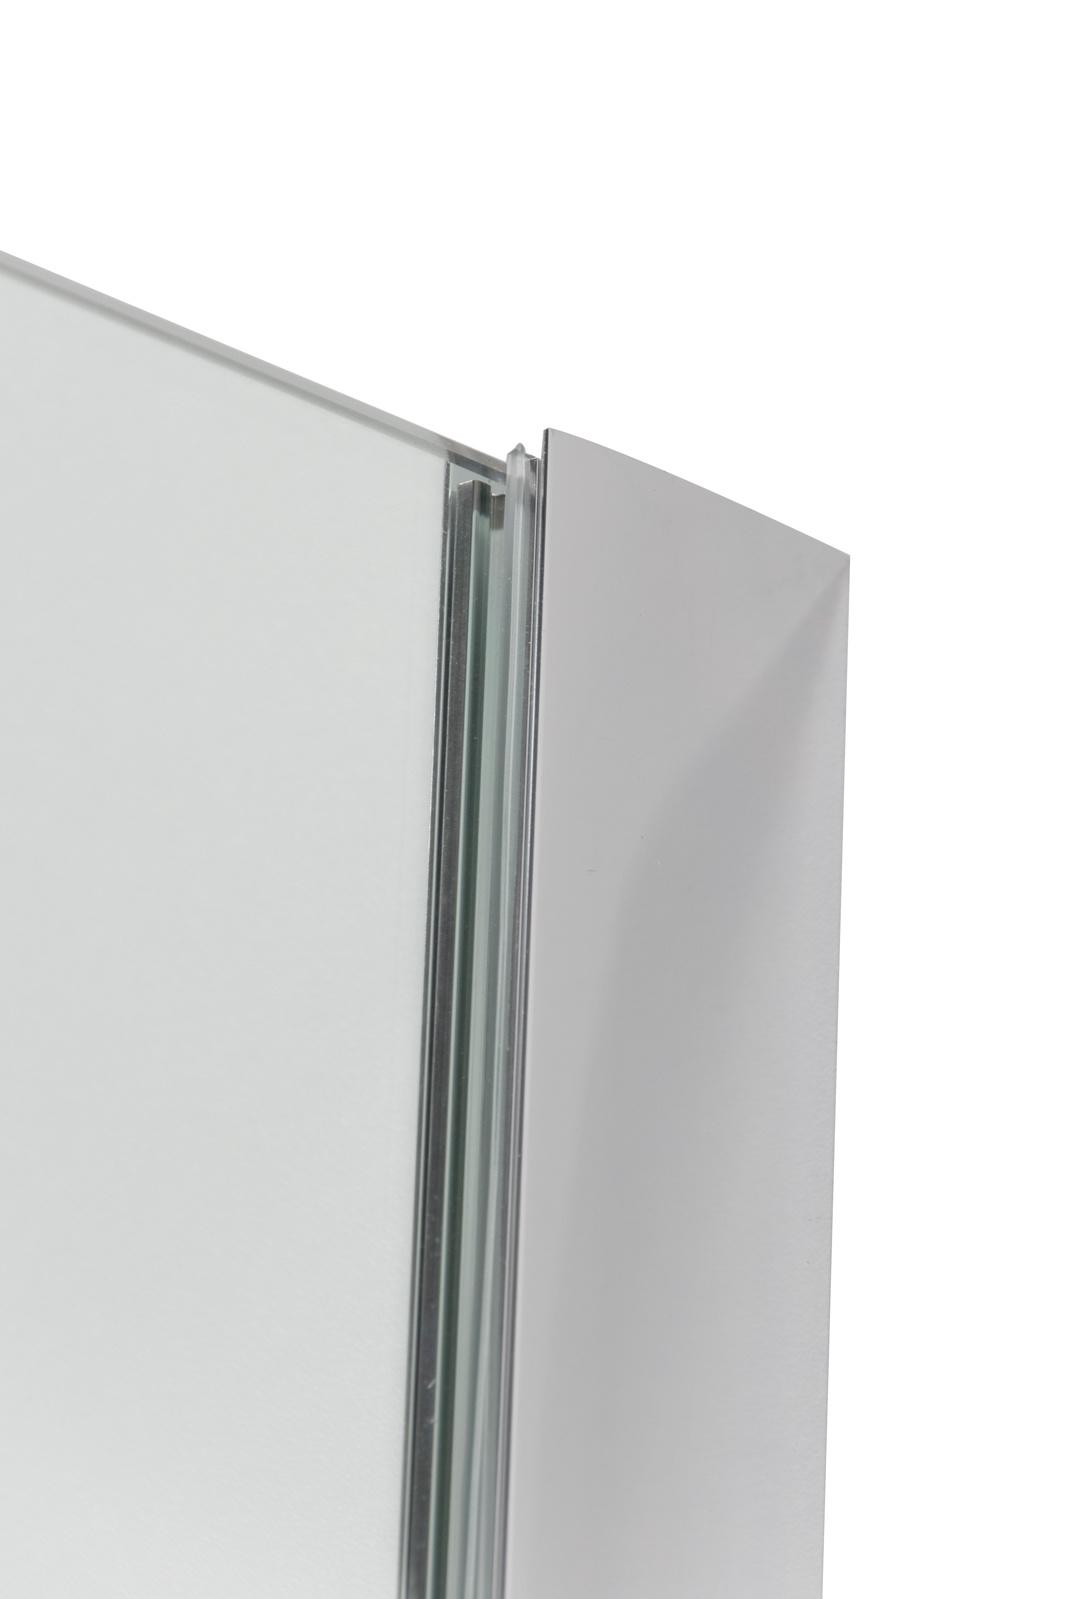 Inloopdouche Linea Uno 120 x 200 cm